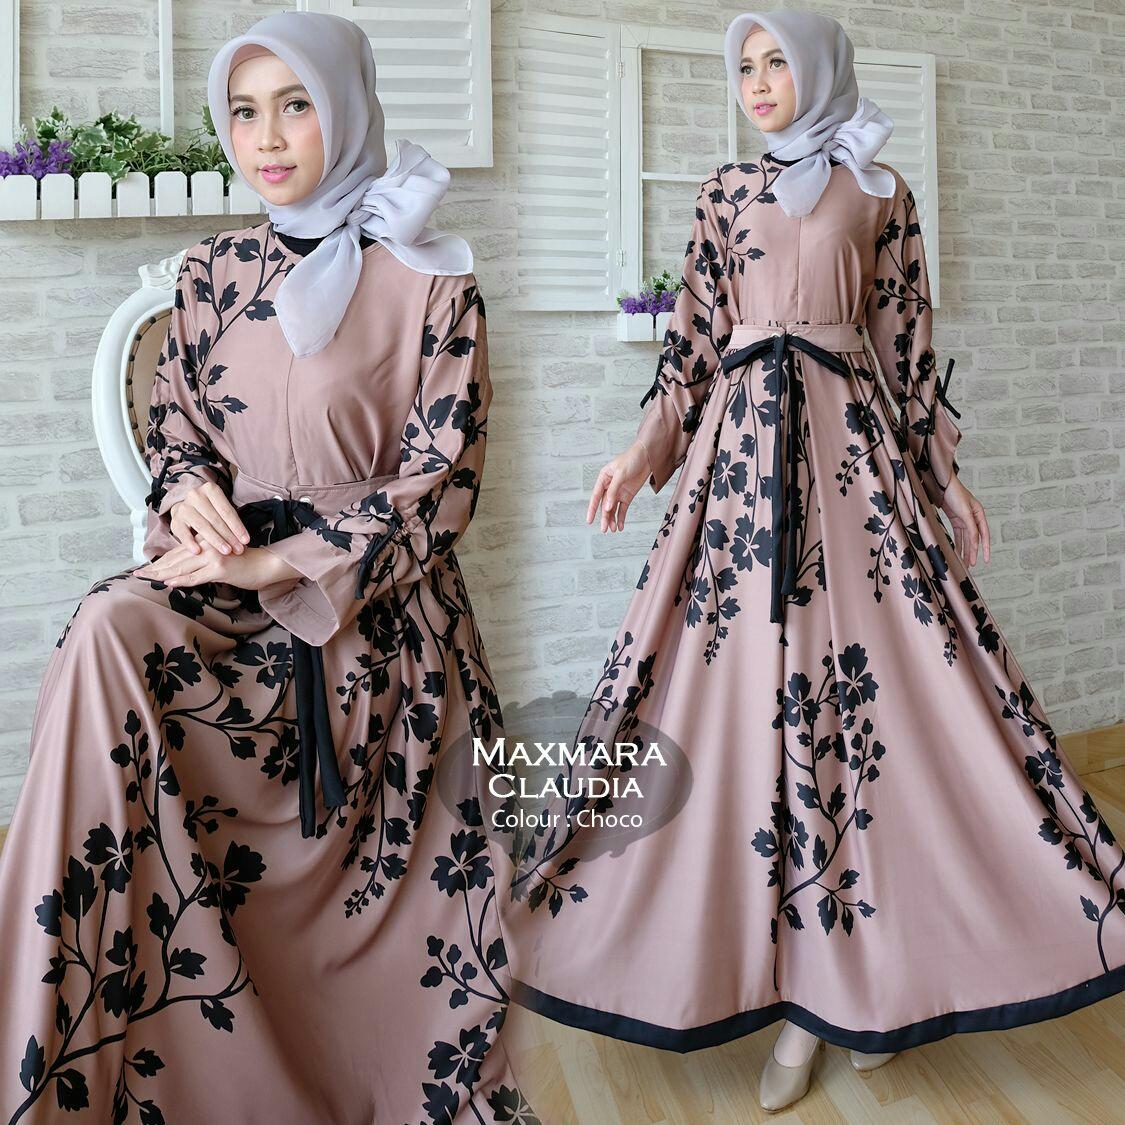 Gamis Modern Claudia Maxi Maxmara - Baju Muslim Cantik - Butik Jingga